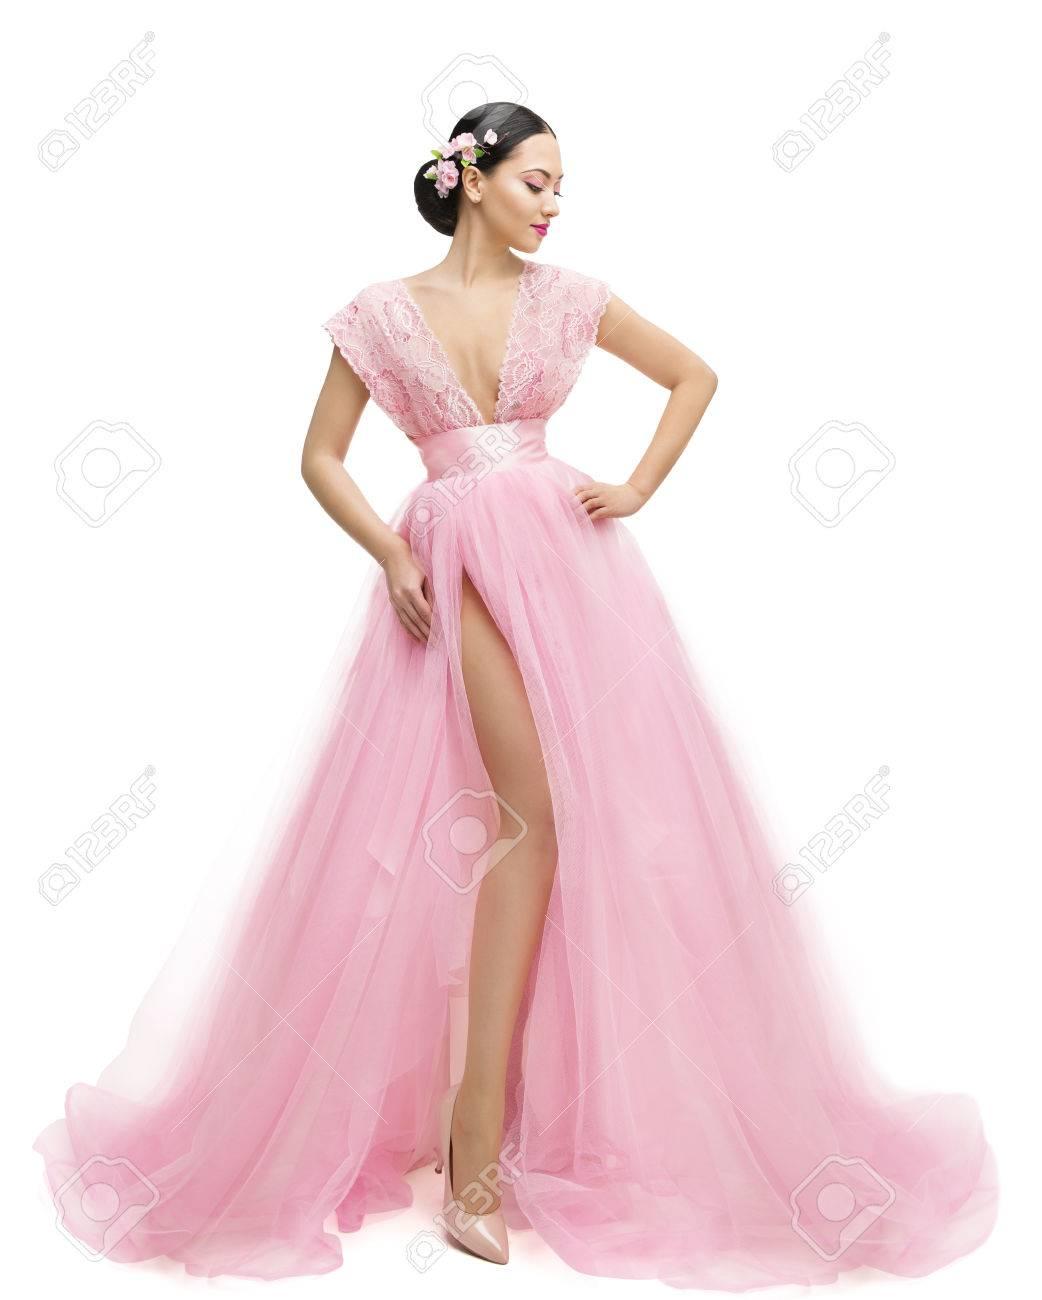 Vestido De La Manera Modelo, Mujer En Largas Ropa Rosada, Muchacha ...